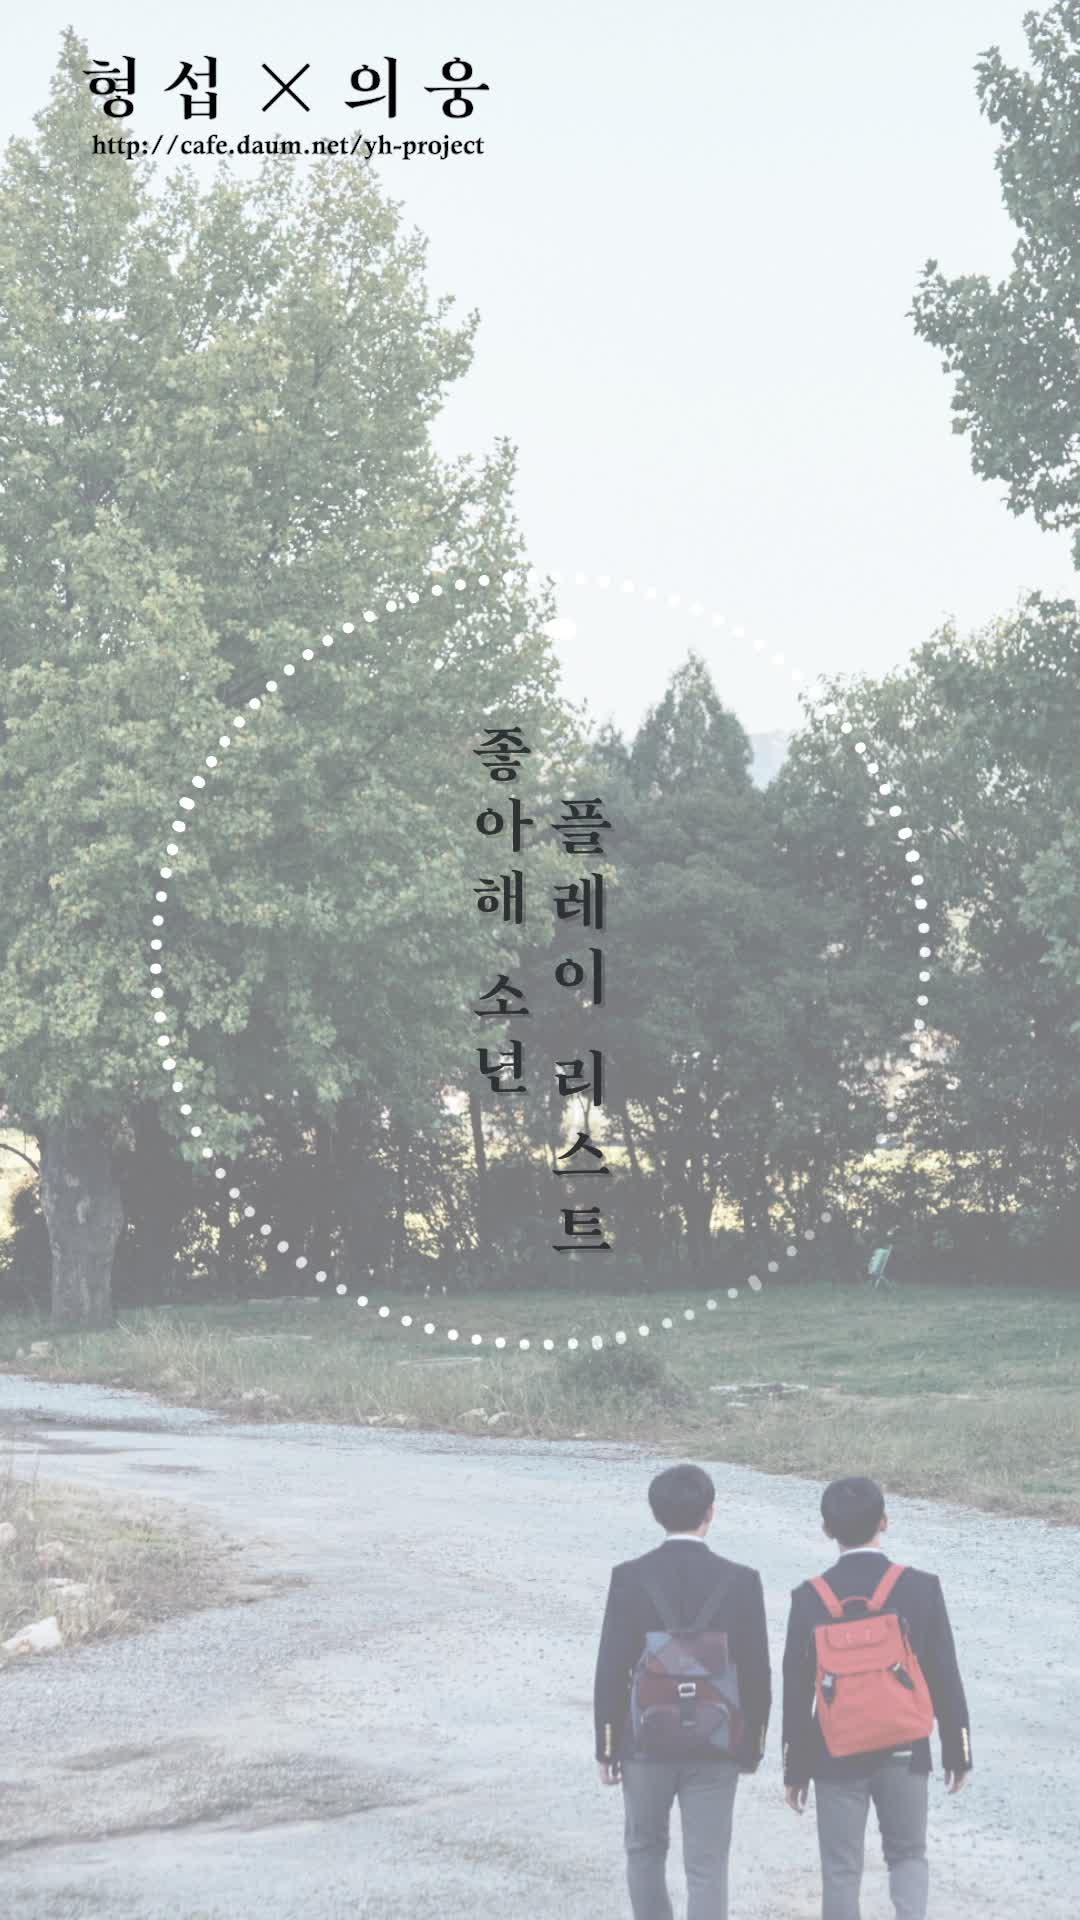 [형섭X의웅] 좋아해, 소년 Playlist #1 - 형섭ver